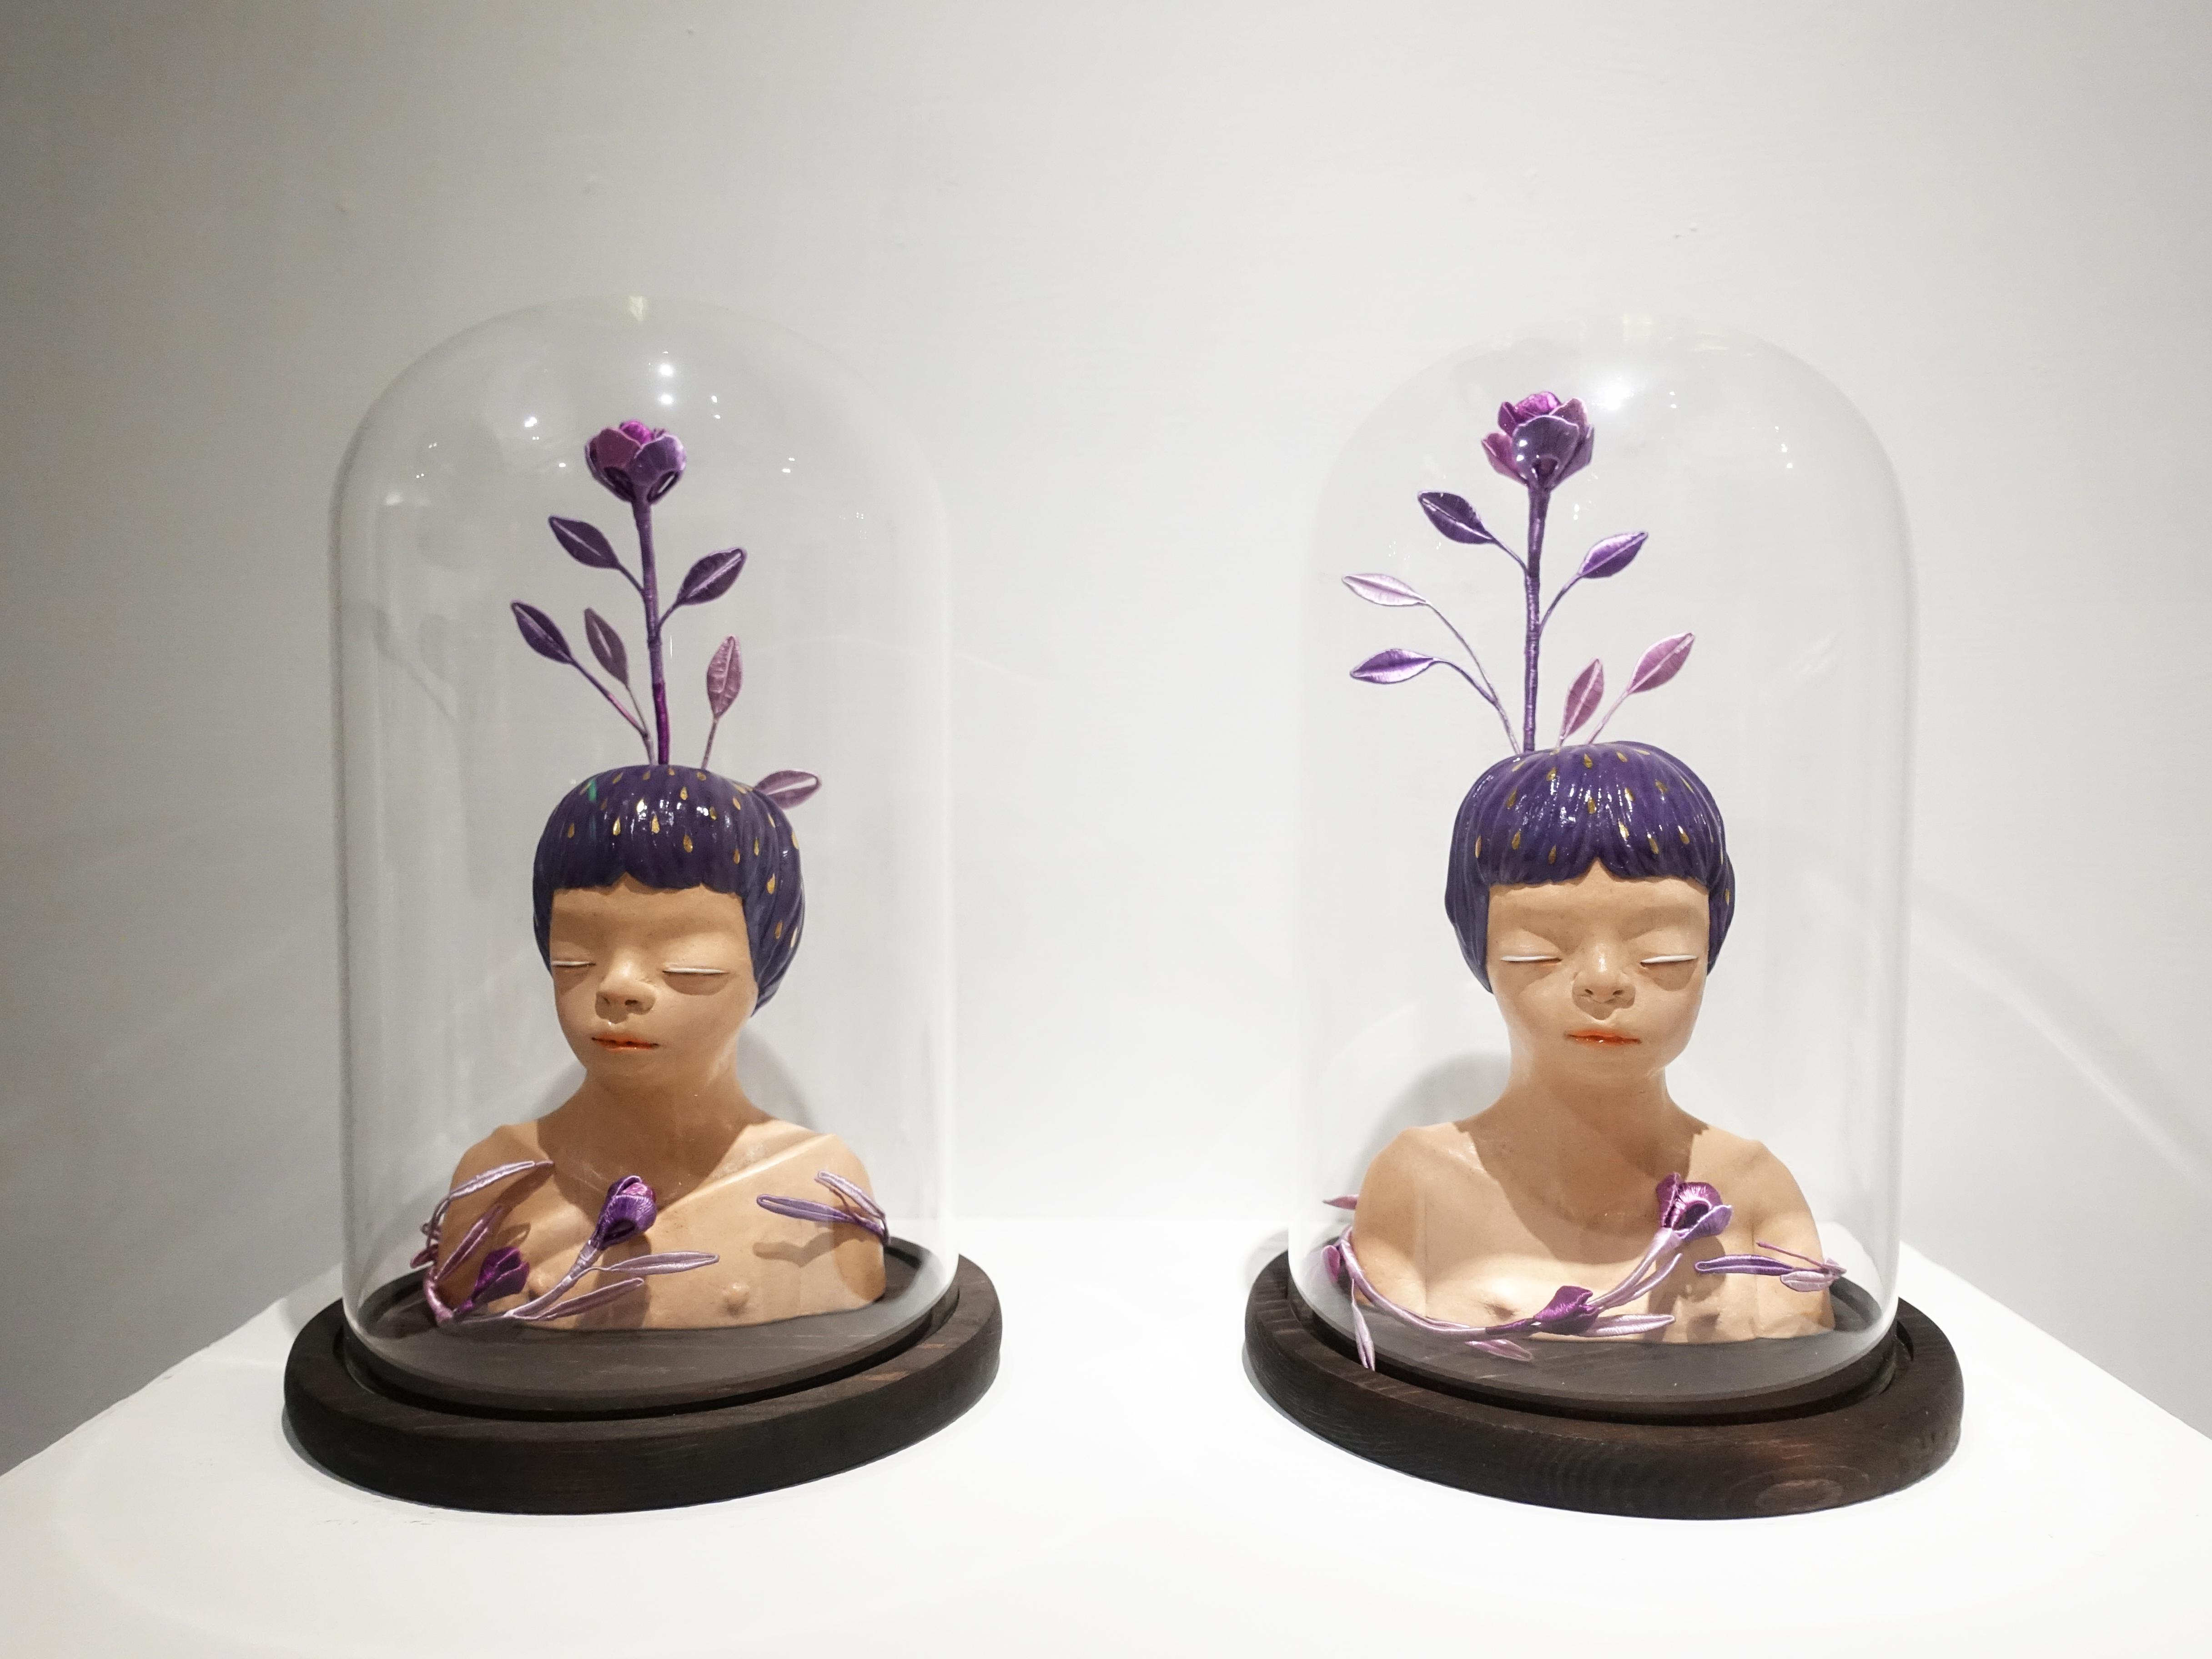 楊宗嘉,《紫玫瑰少年I、II》,18 x 18 x 30cm,陶瓷、釉下彩、釉上彩、纖維、釉藥,2019。